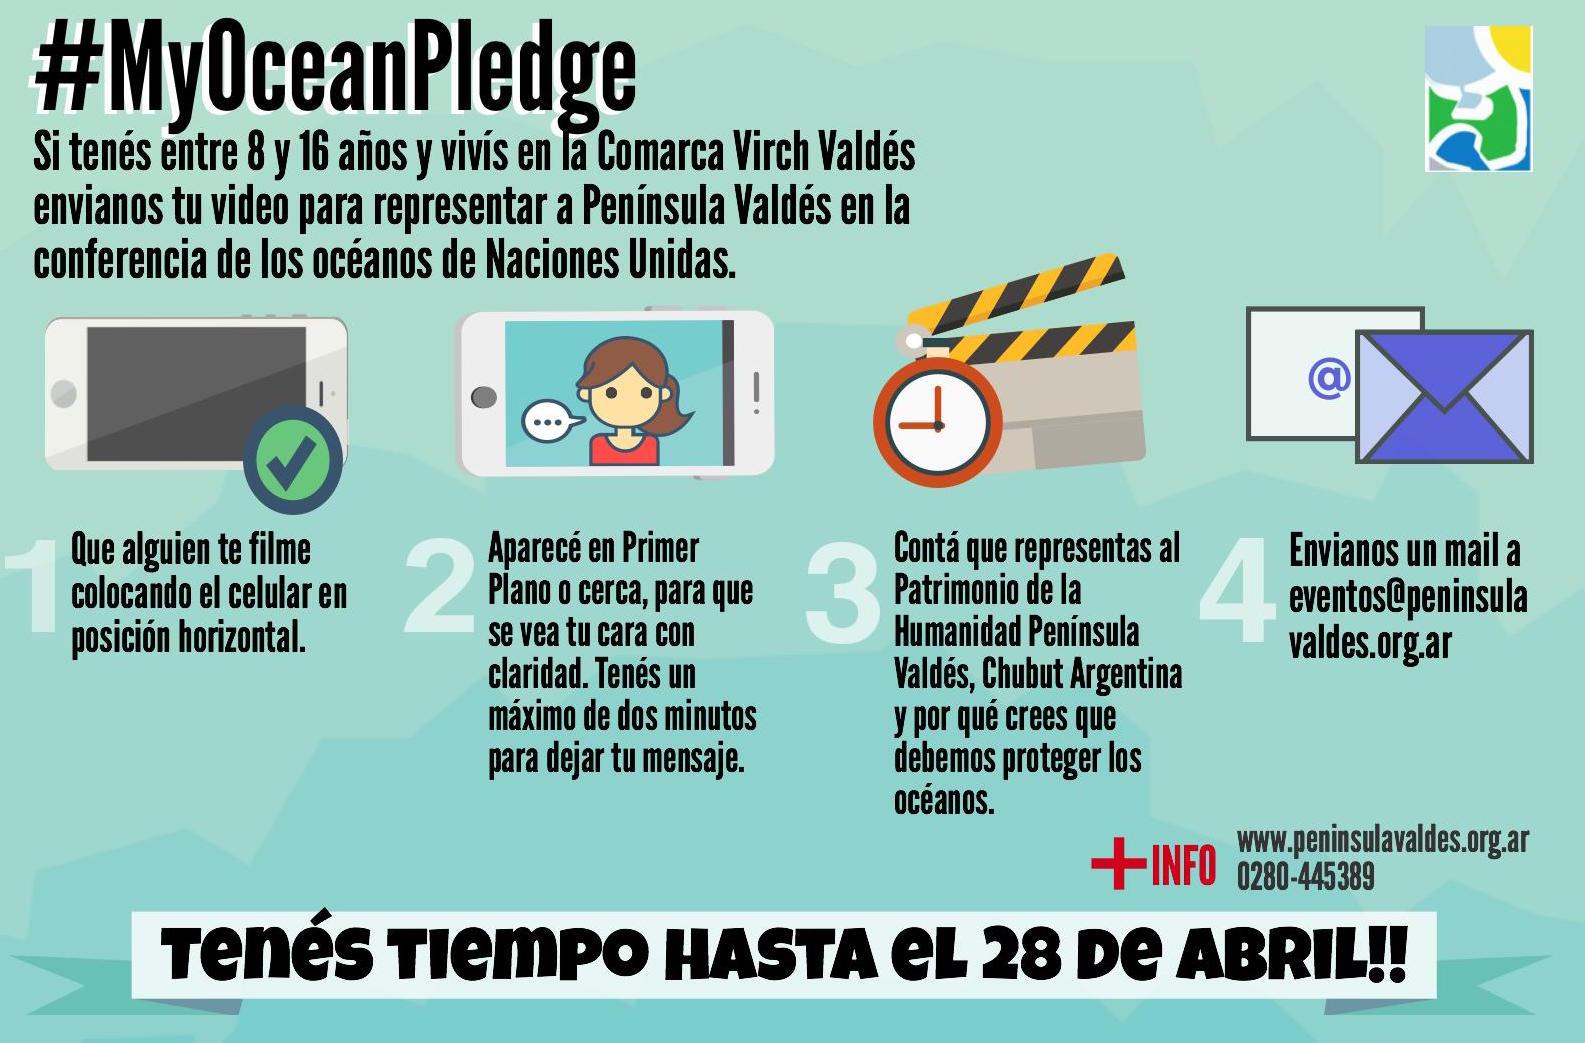 """Pueden participar chicos entre 8 y 16 años que vivan en Península Valdés y Puerto Madryn, enviando un video que se presentará el """"Día mundial de los océanos"""""""